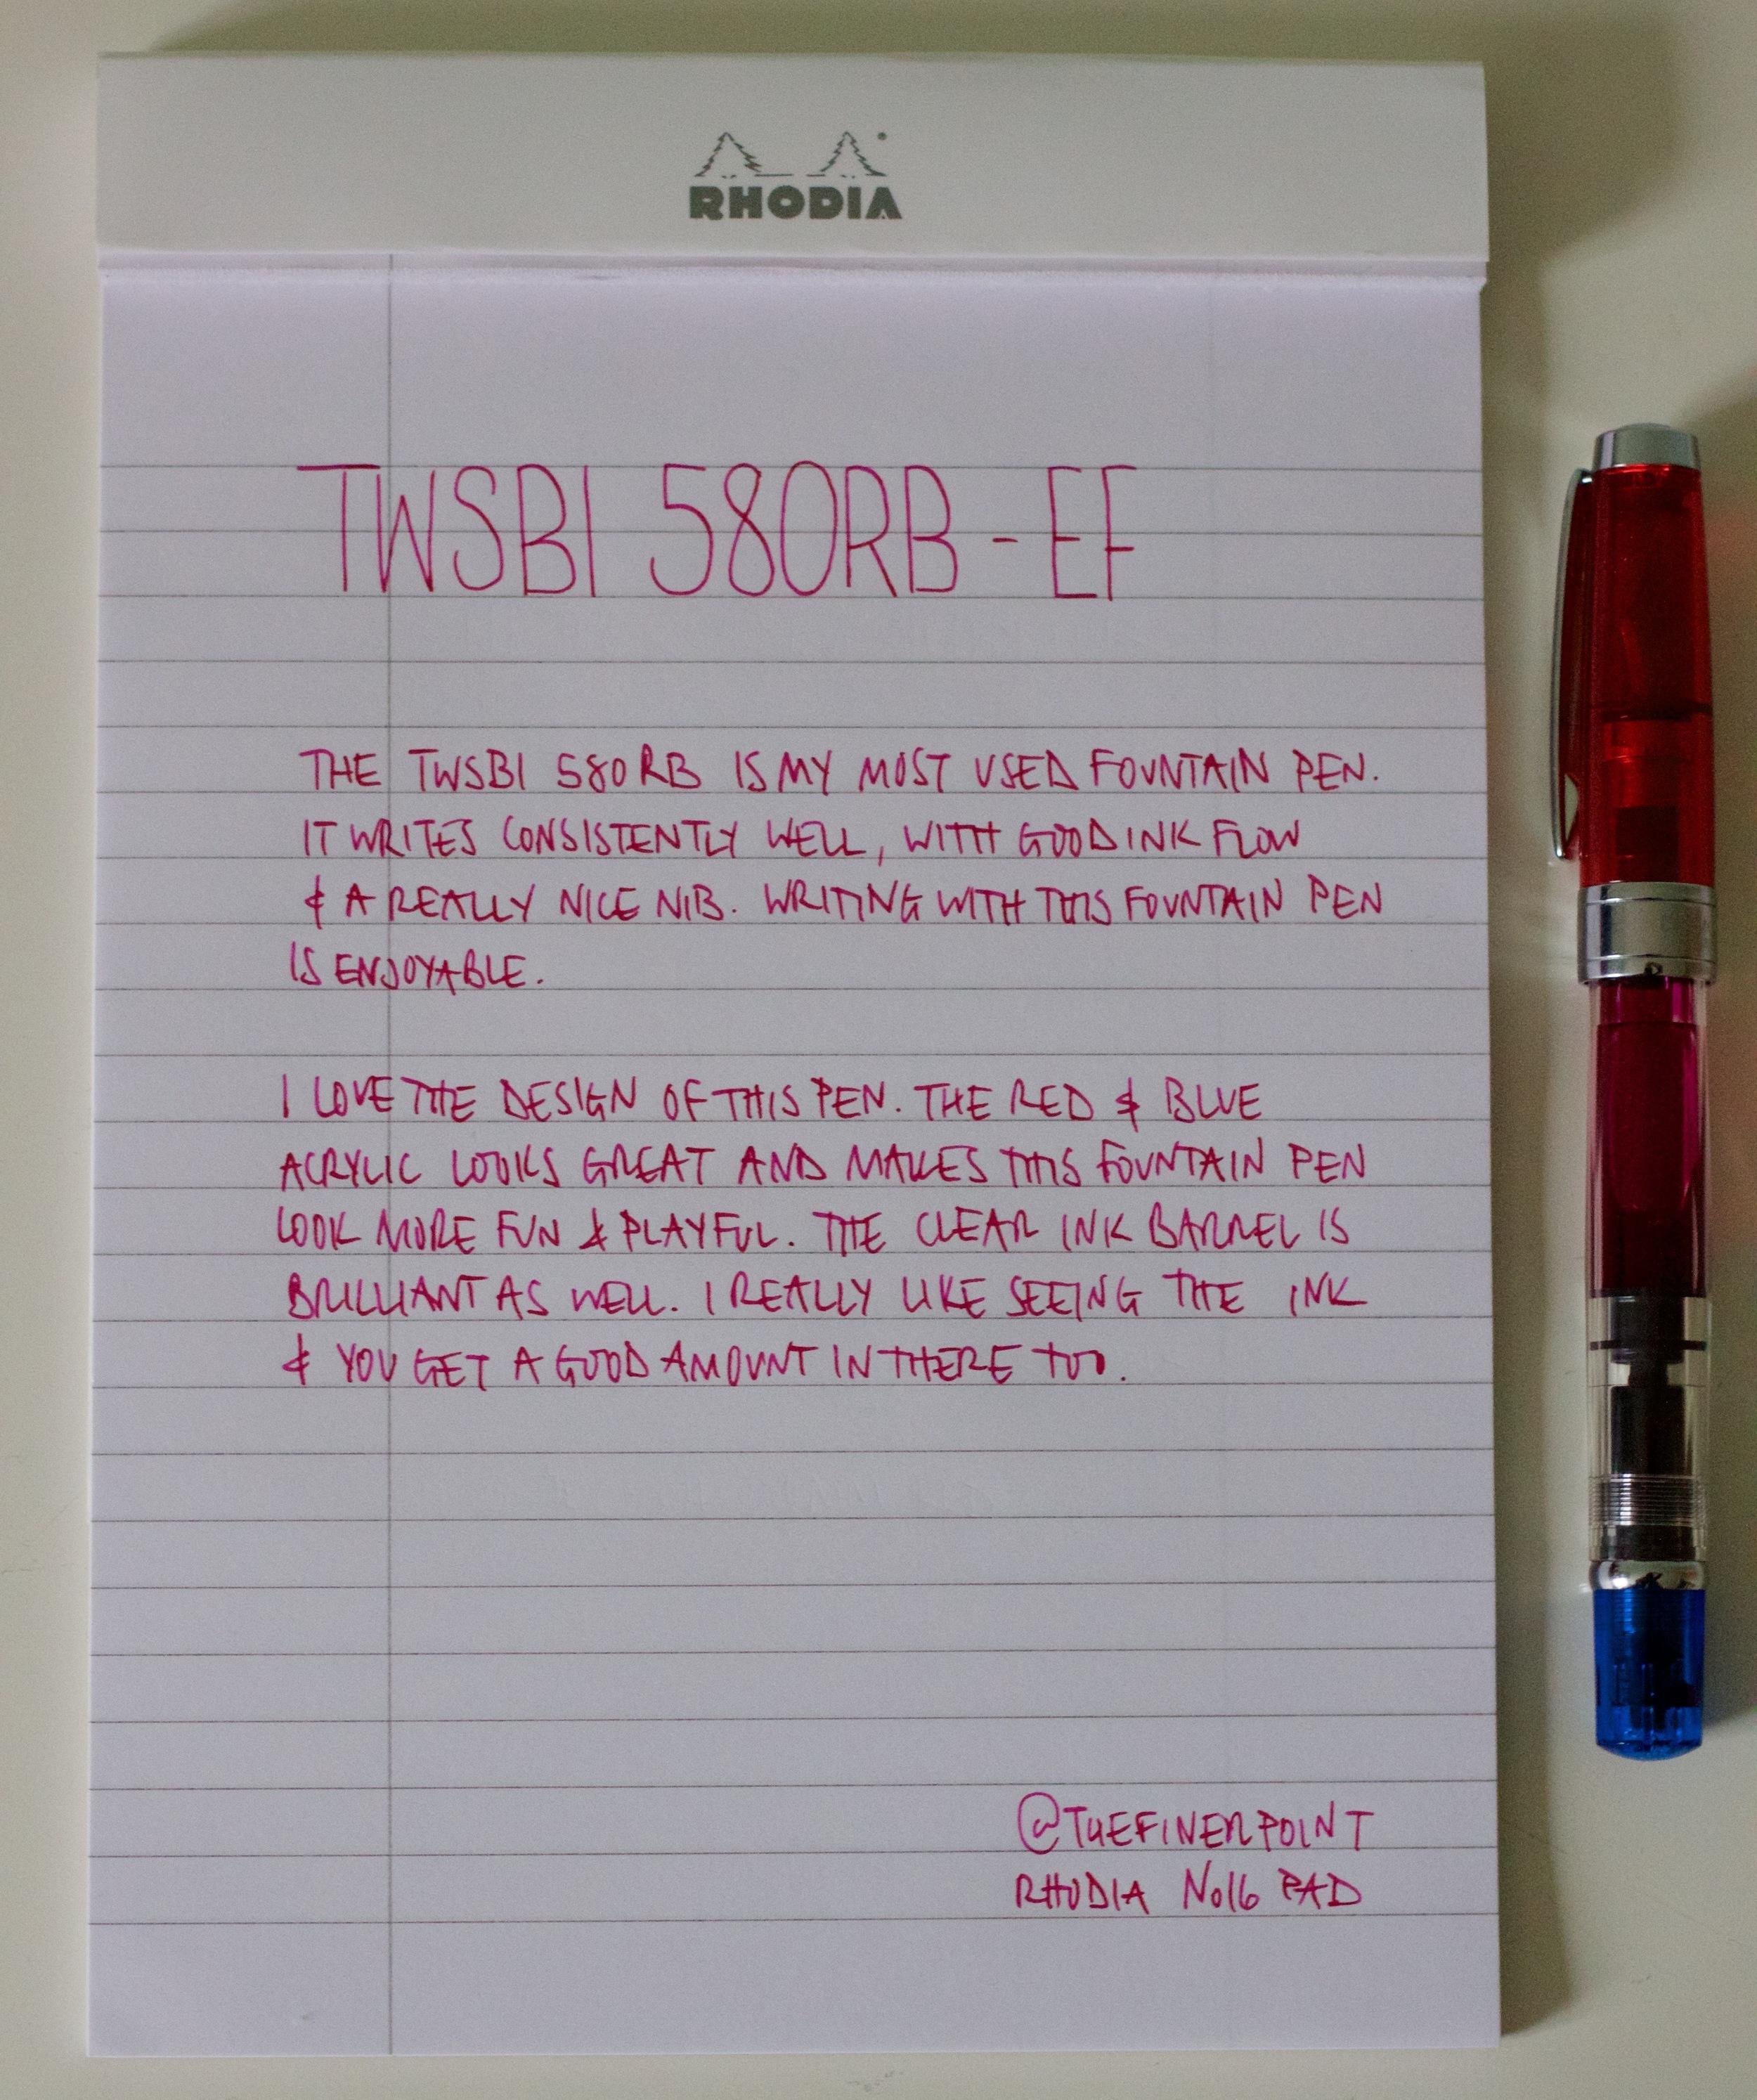 A handwritten review using the TWSBI 580RB